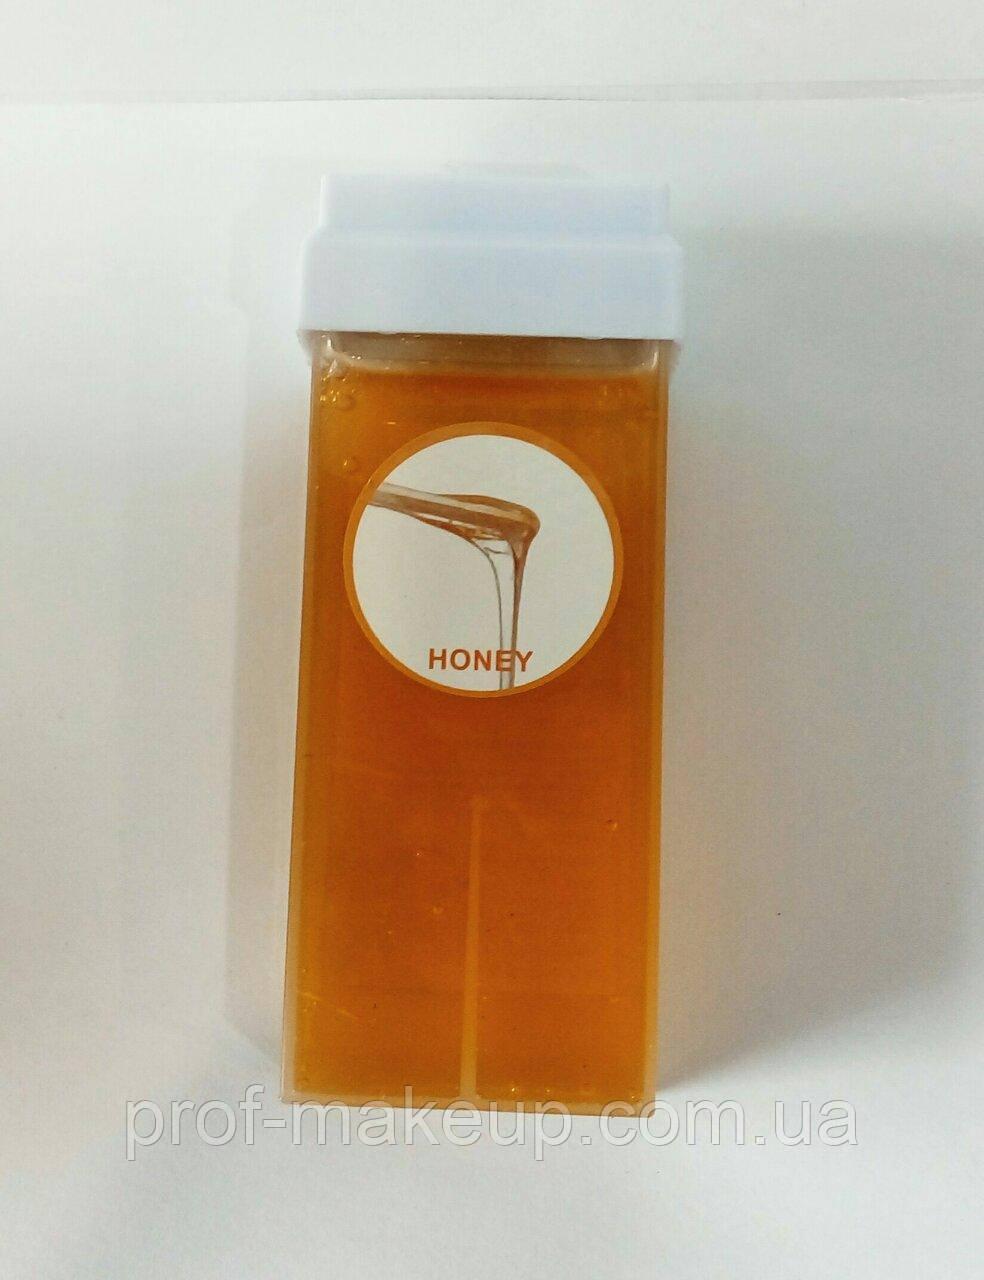 Воск для депиляции в кассете с ароматом меда.